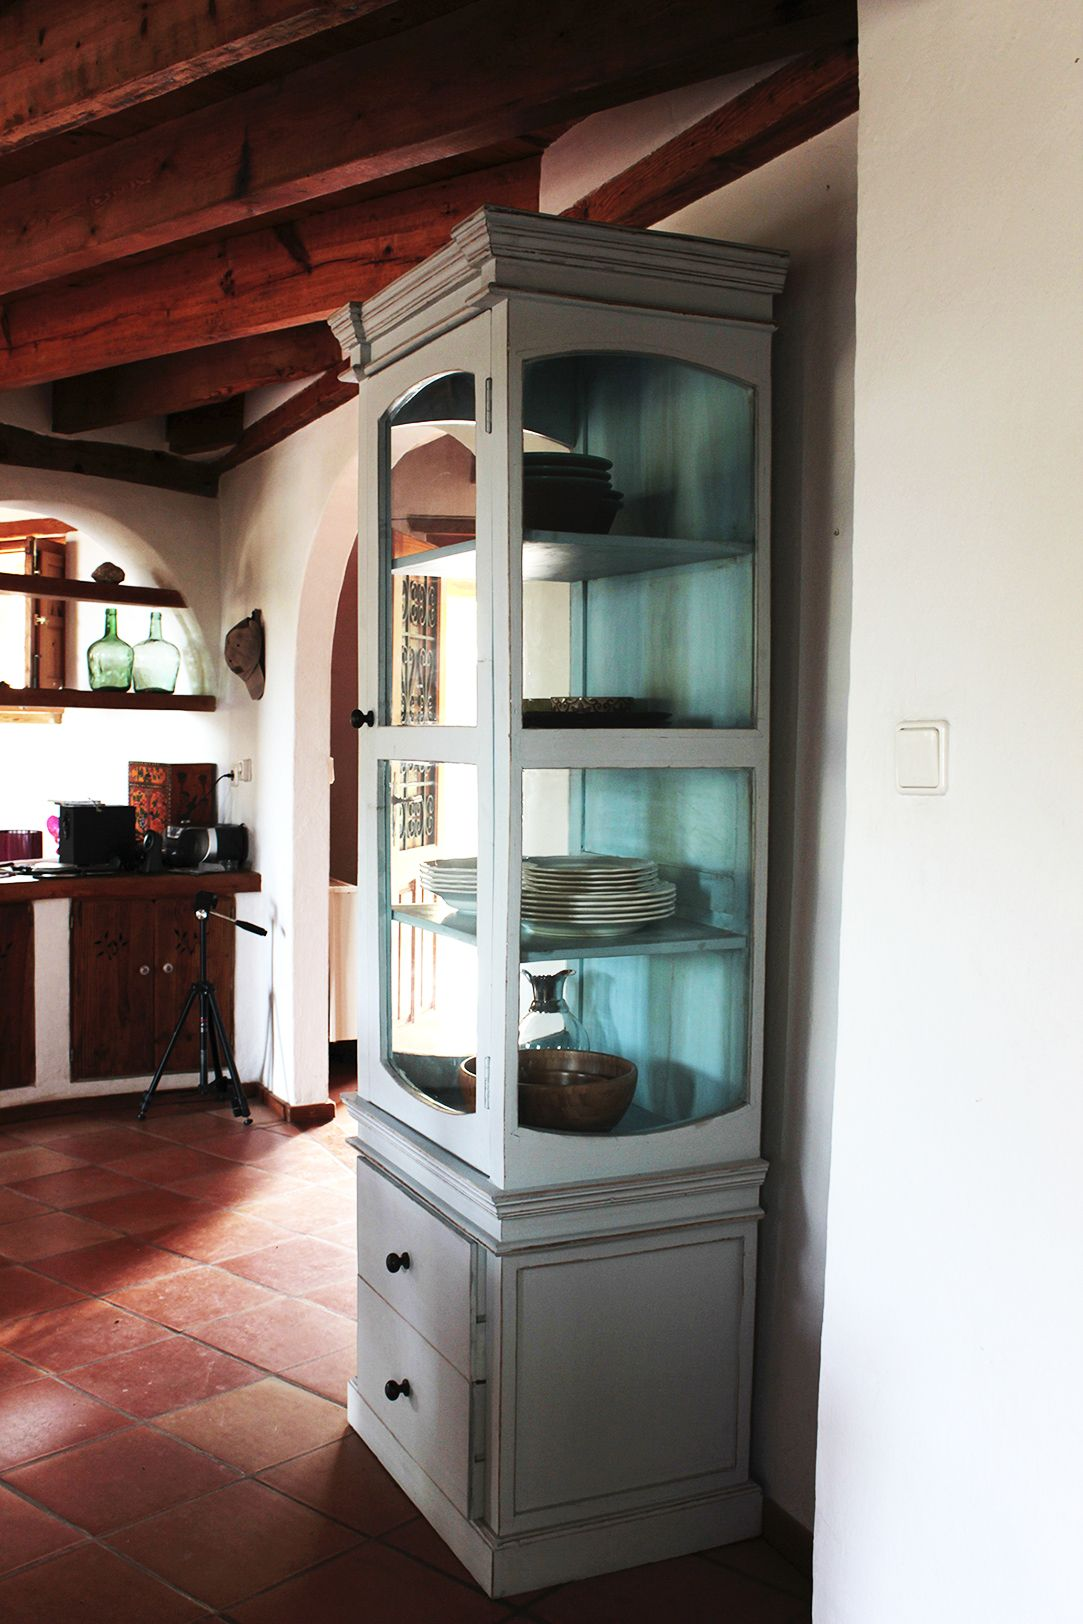 Mueble cocina - Quinta esencia #retro #decoration | At home